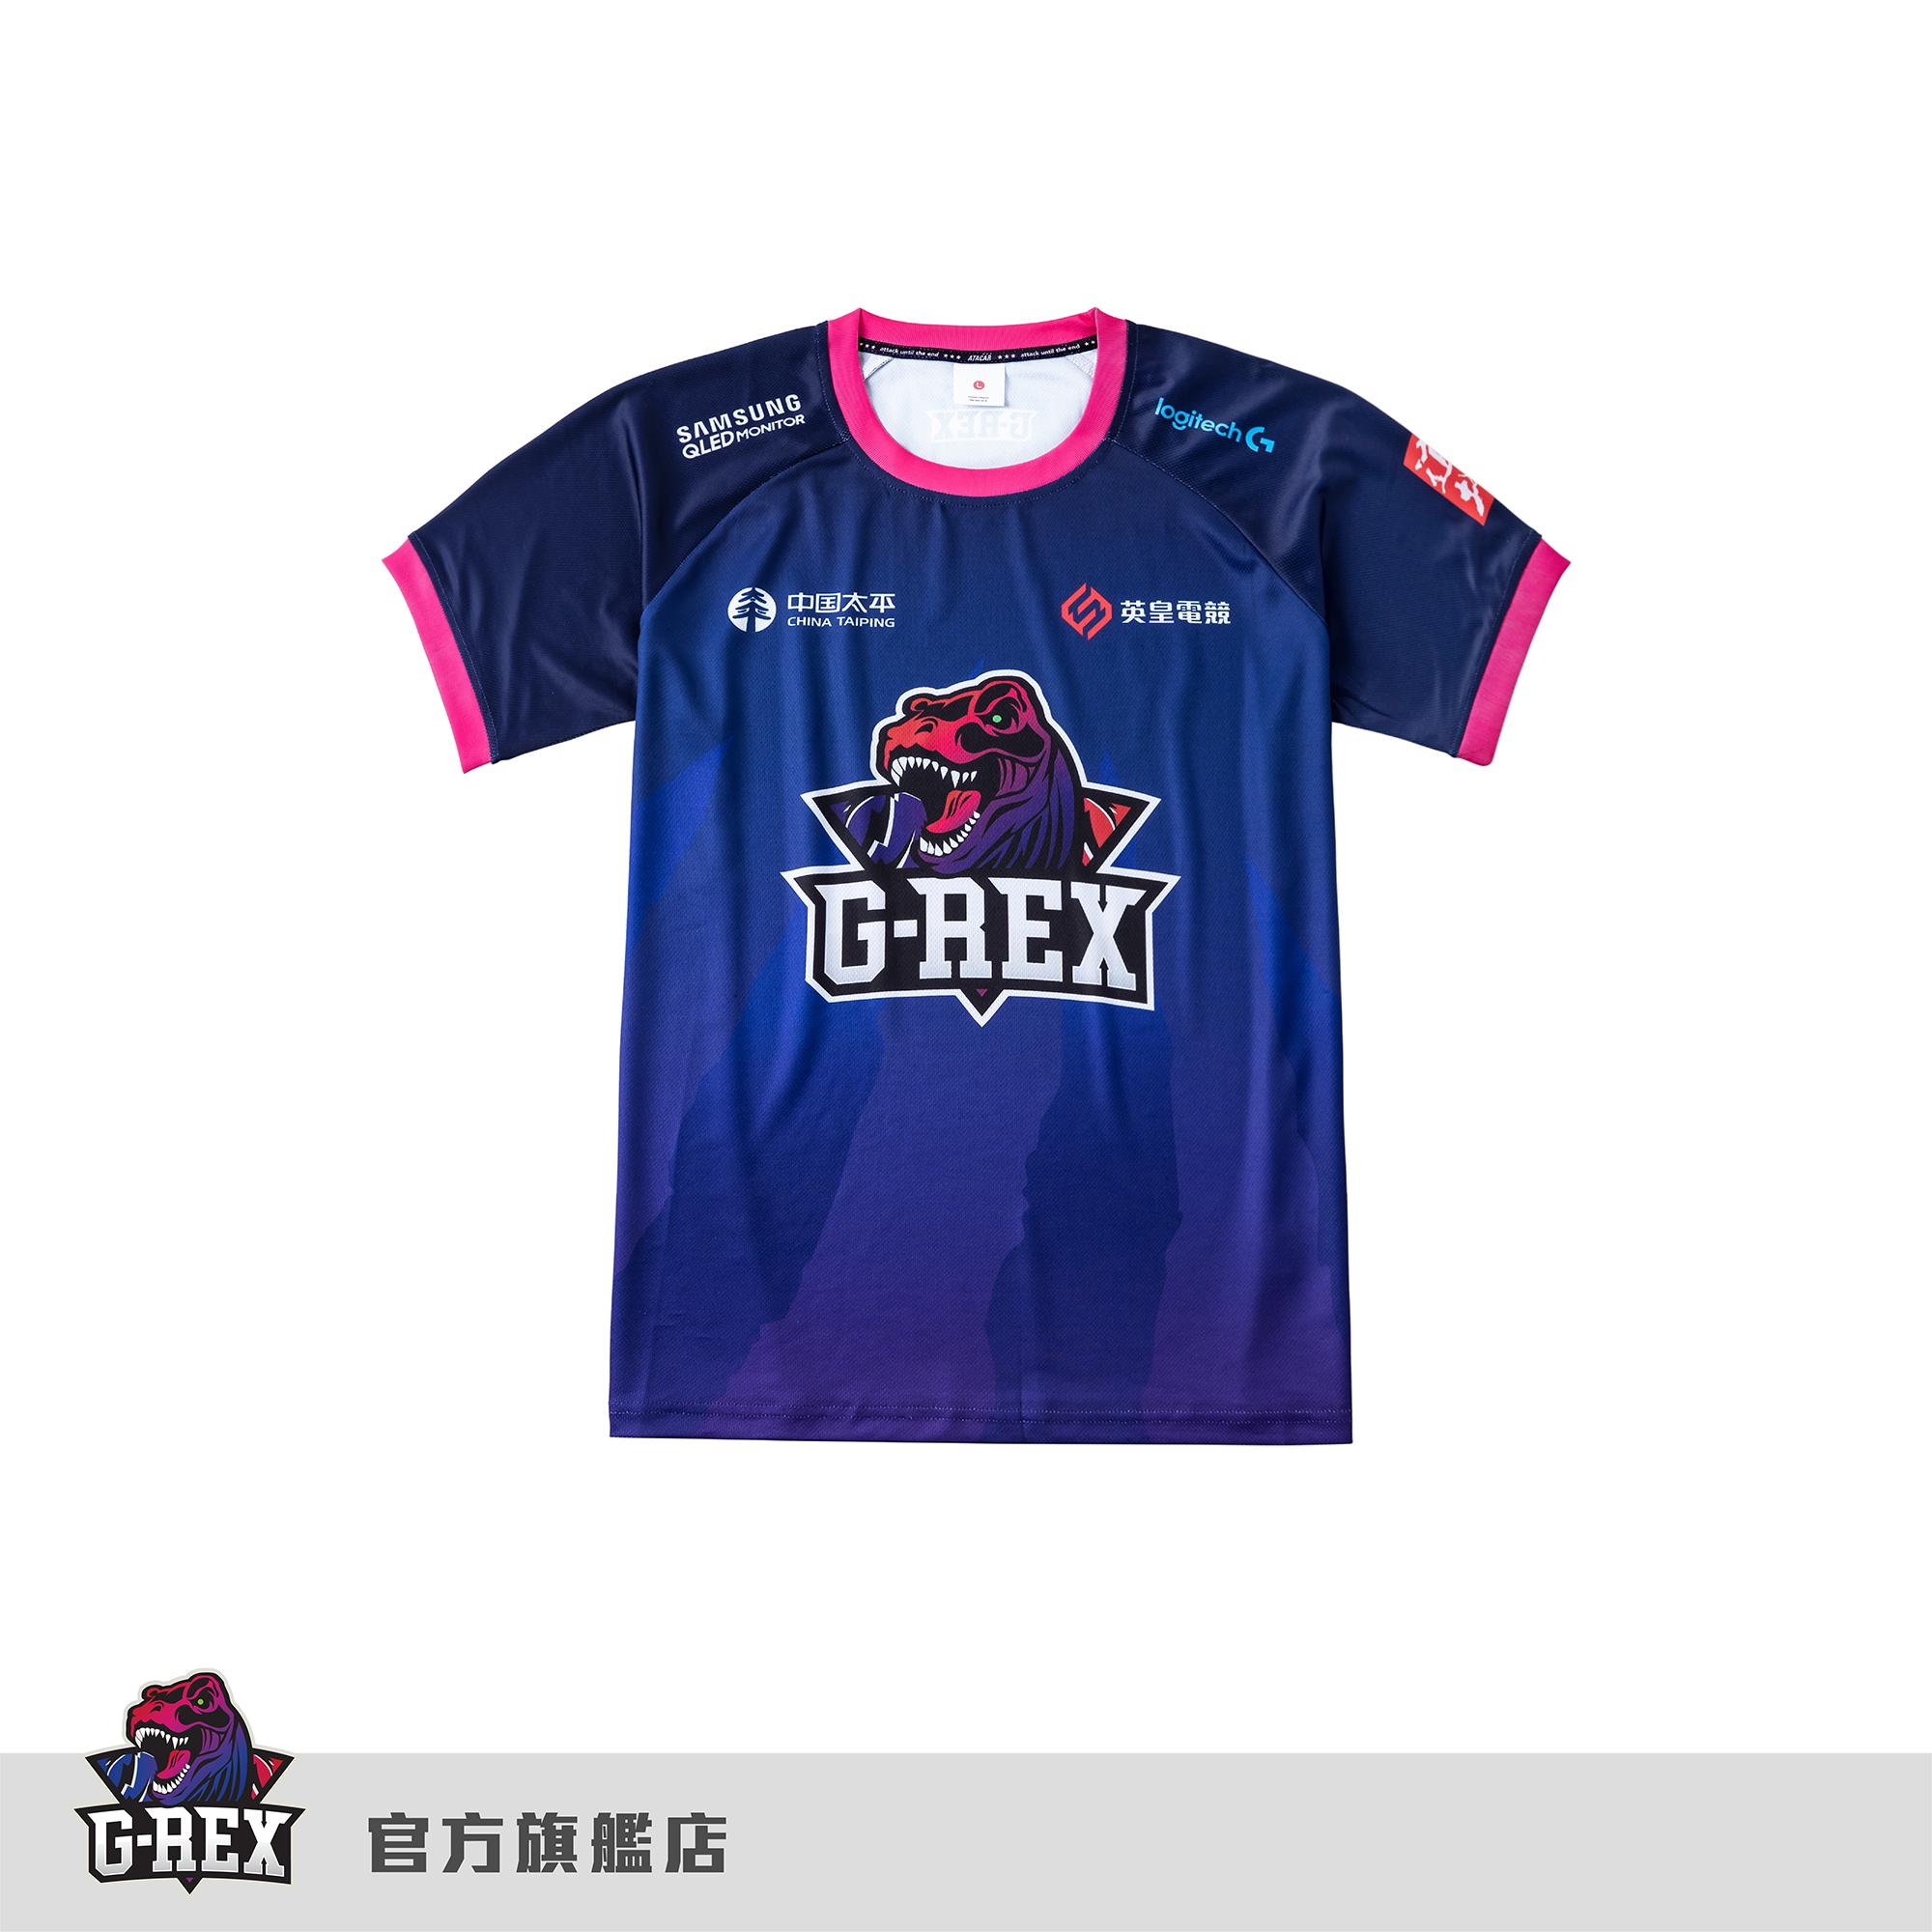 [G-Rex] 2019 戰隊隊服      HKD $210